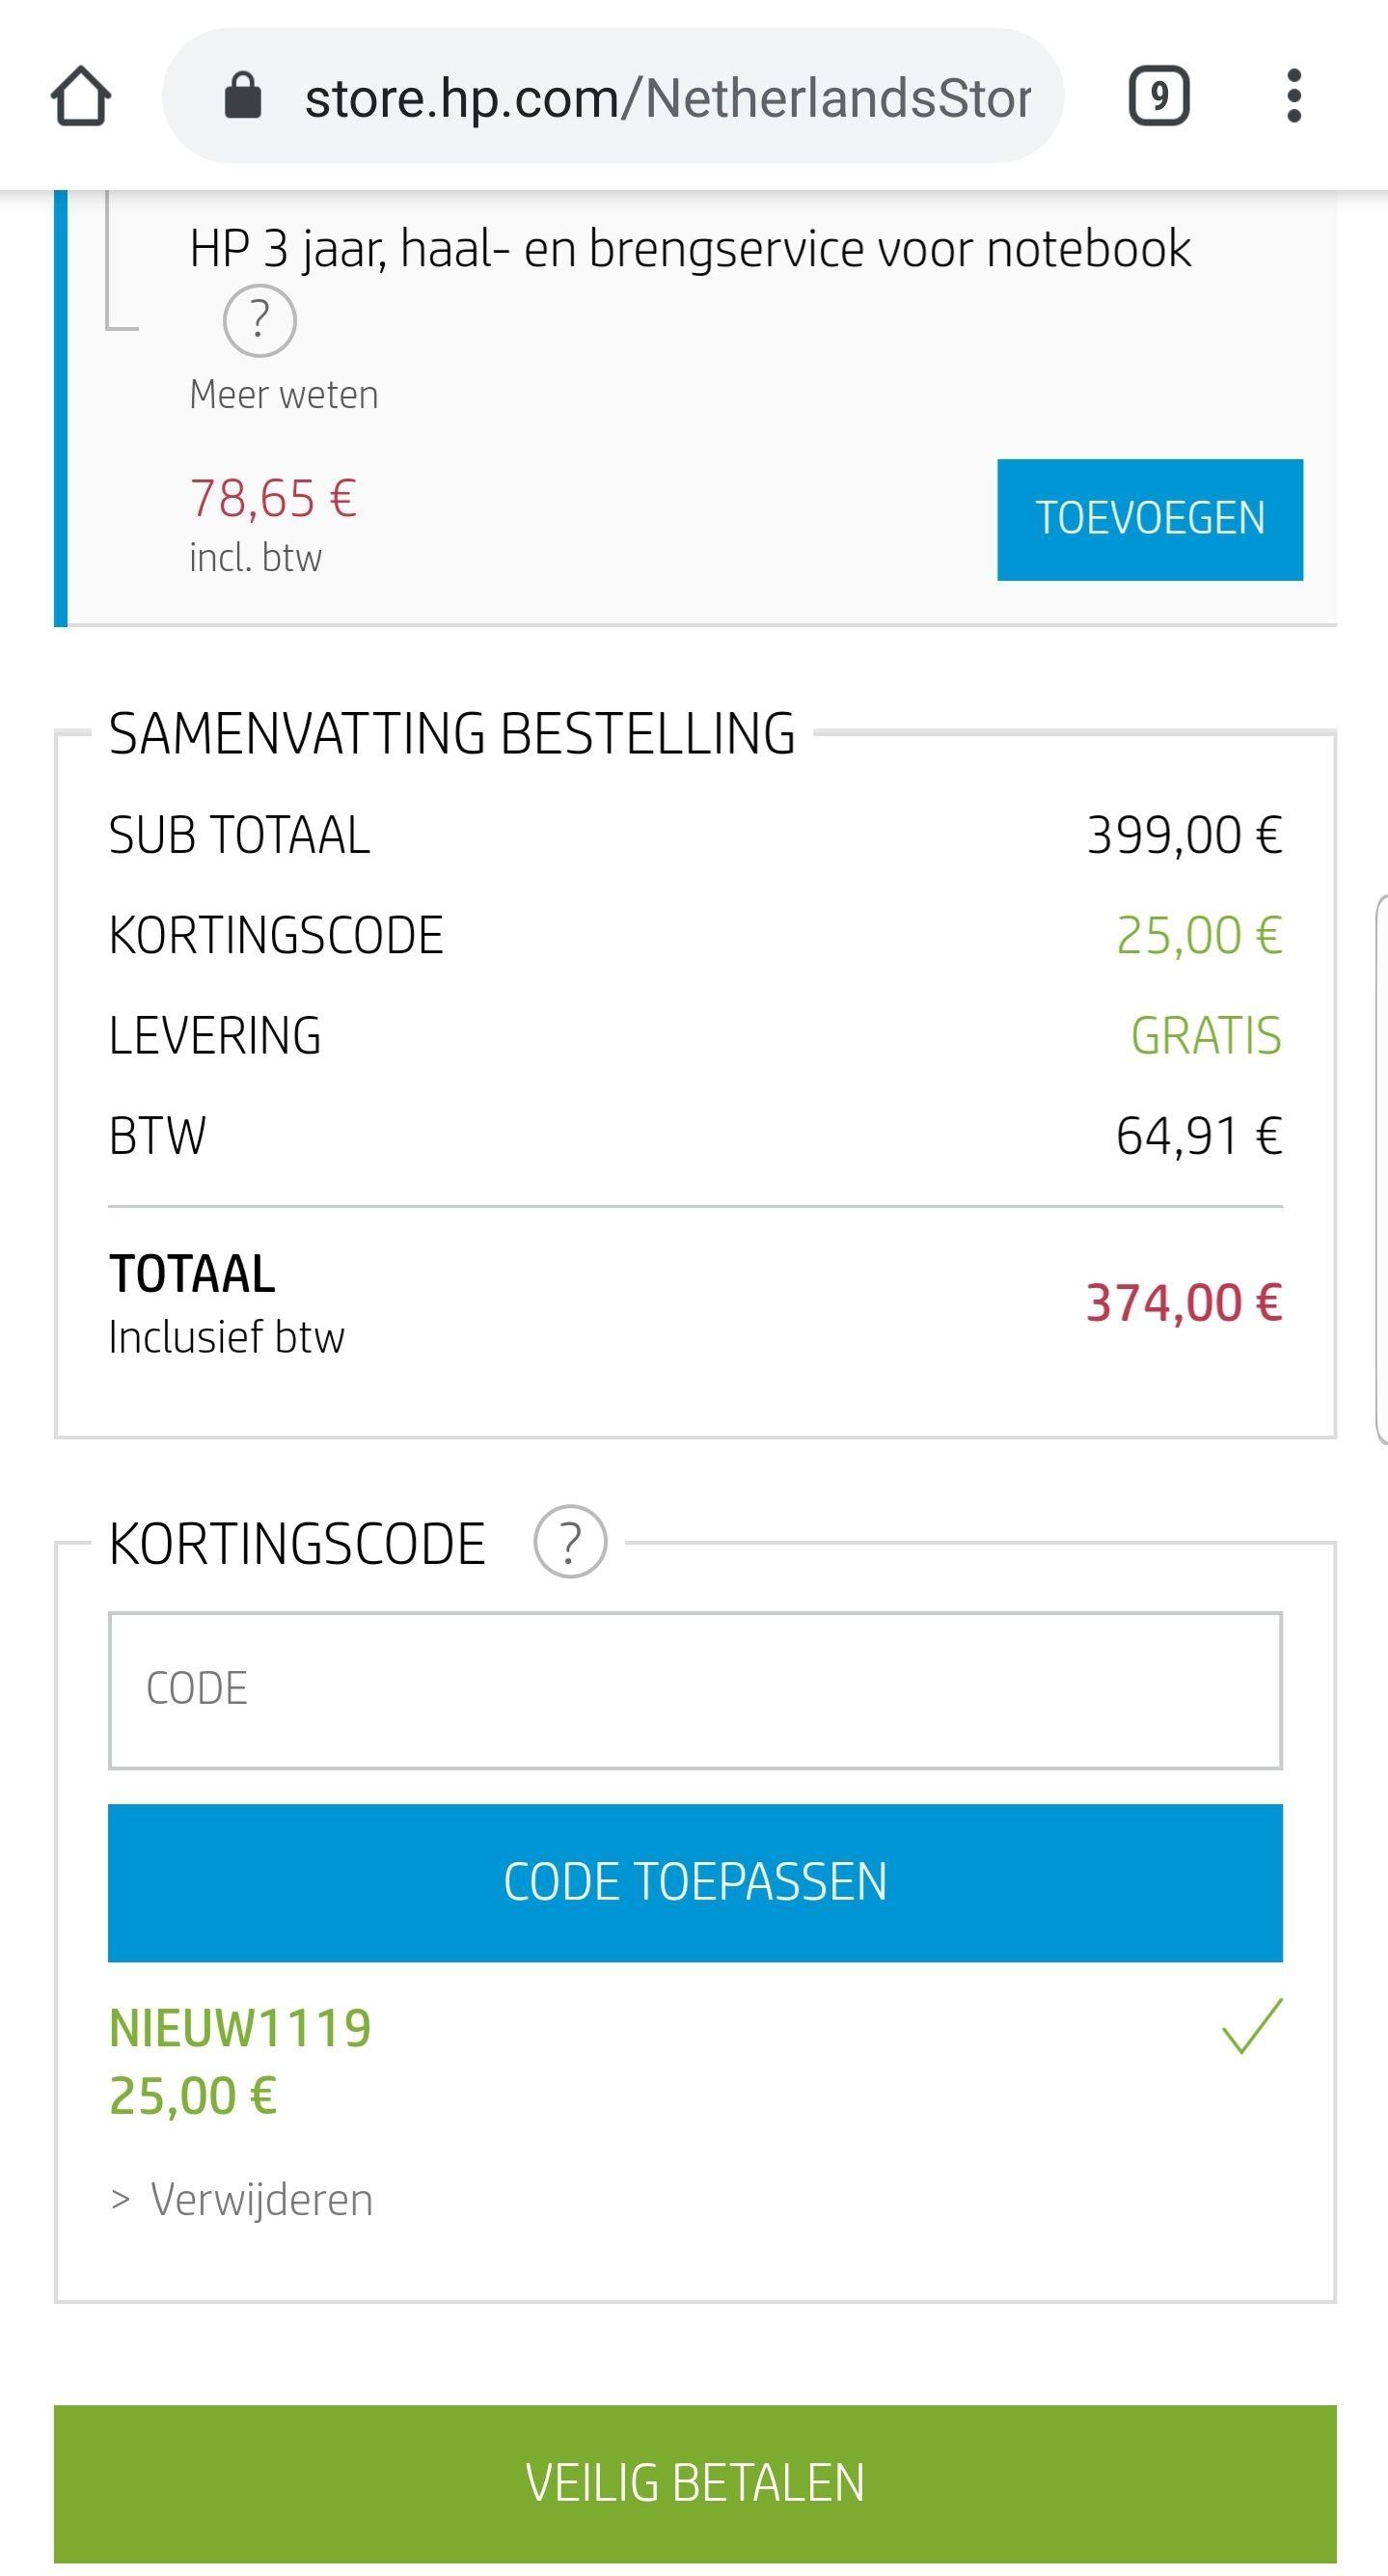 25 euro korting bij HP